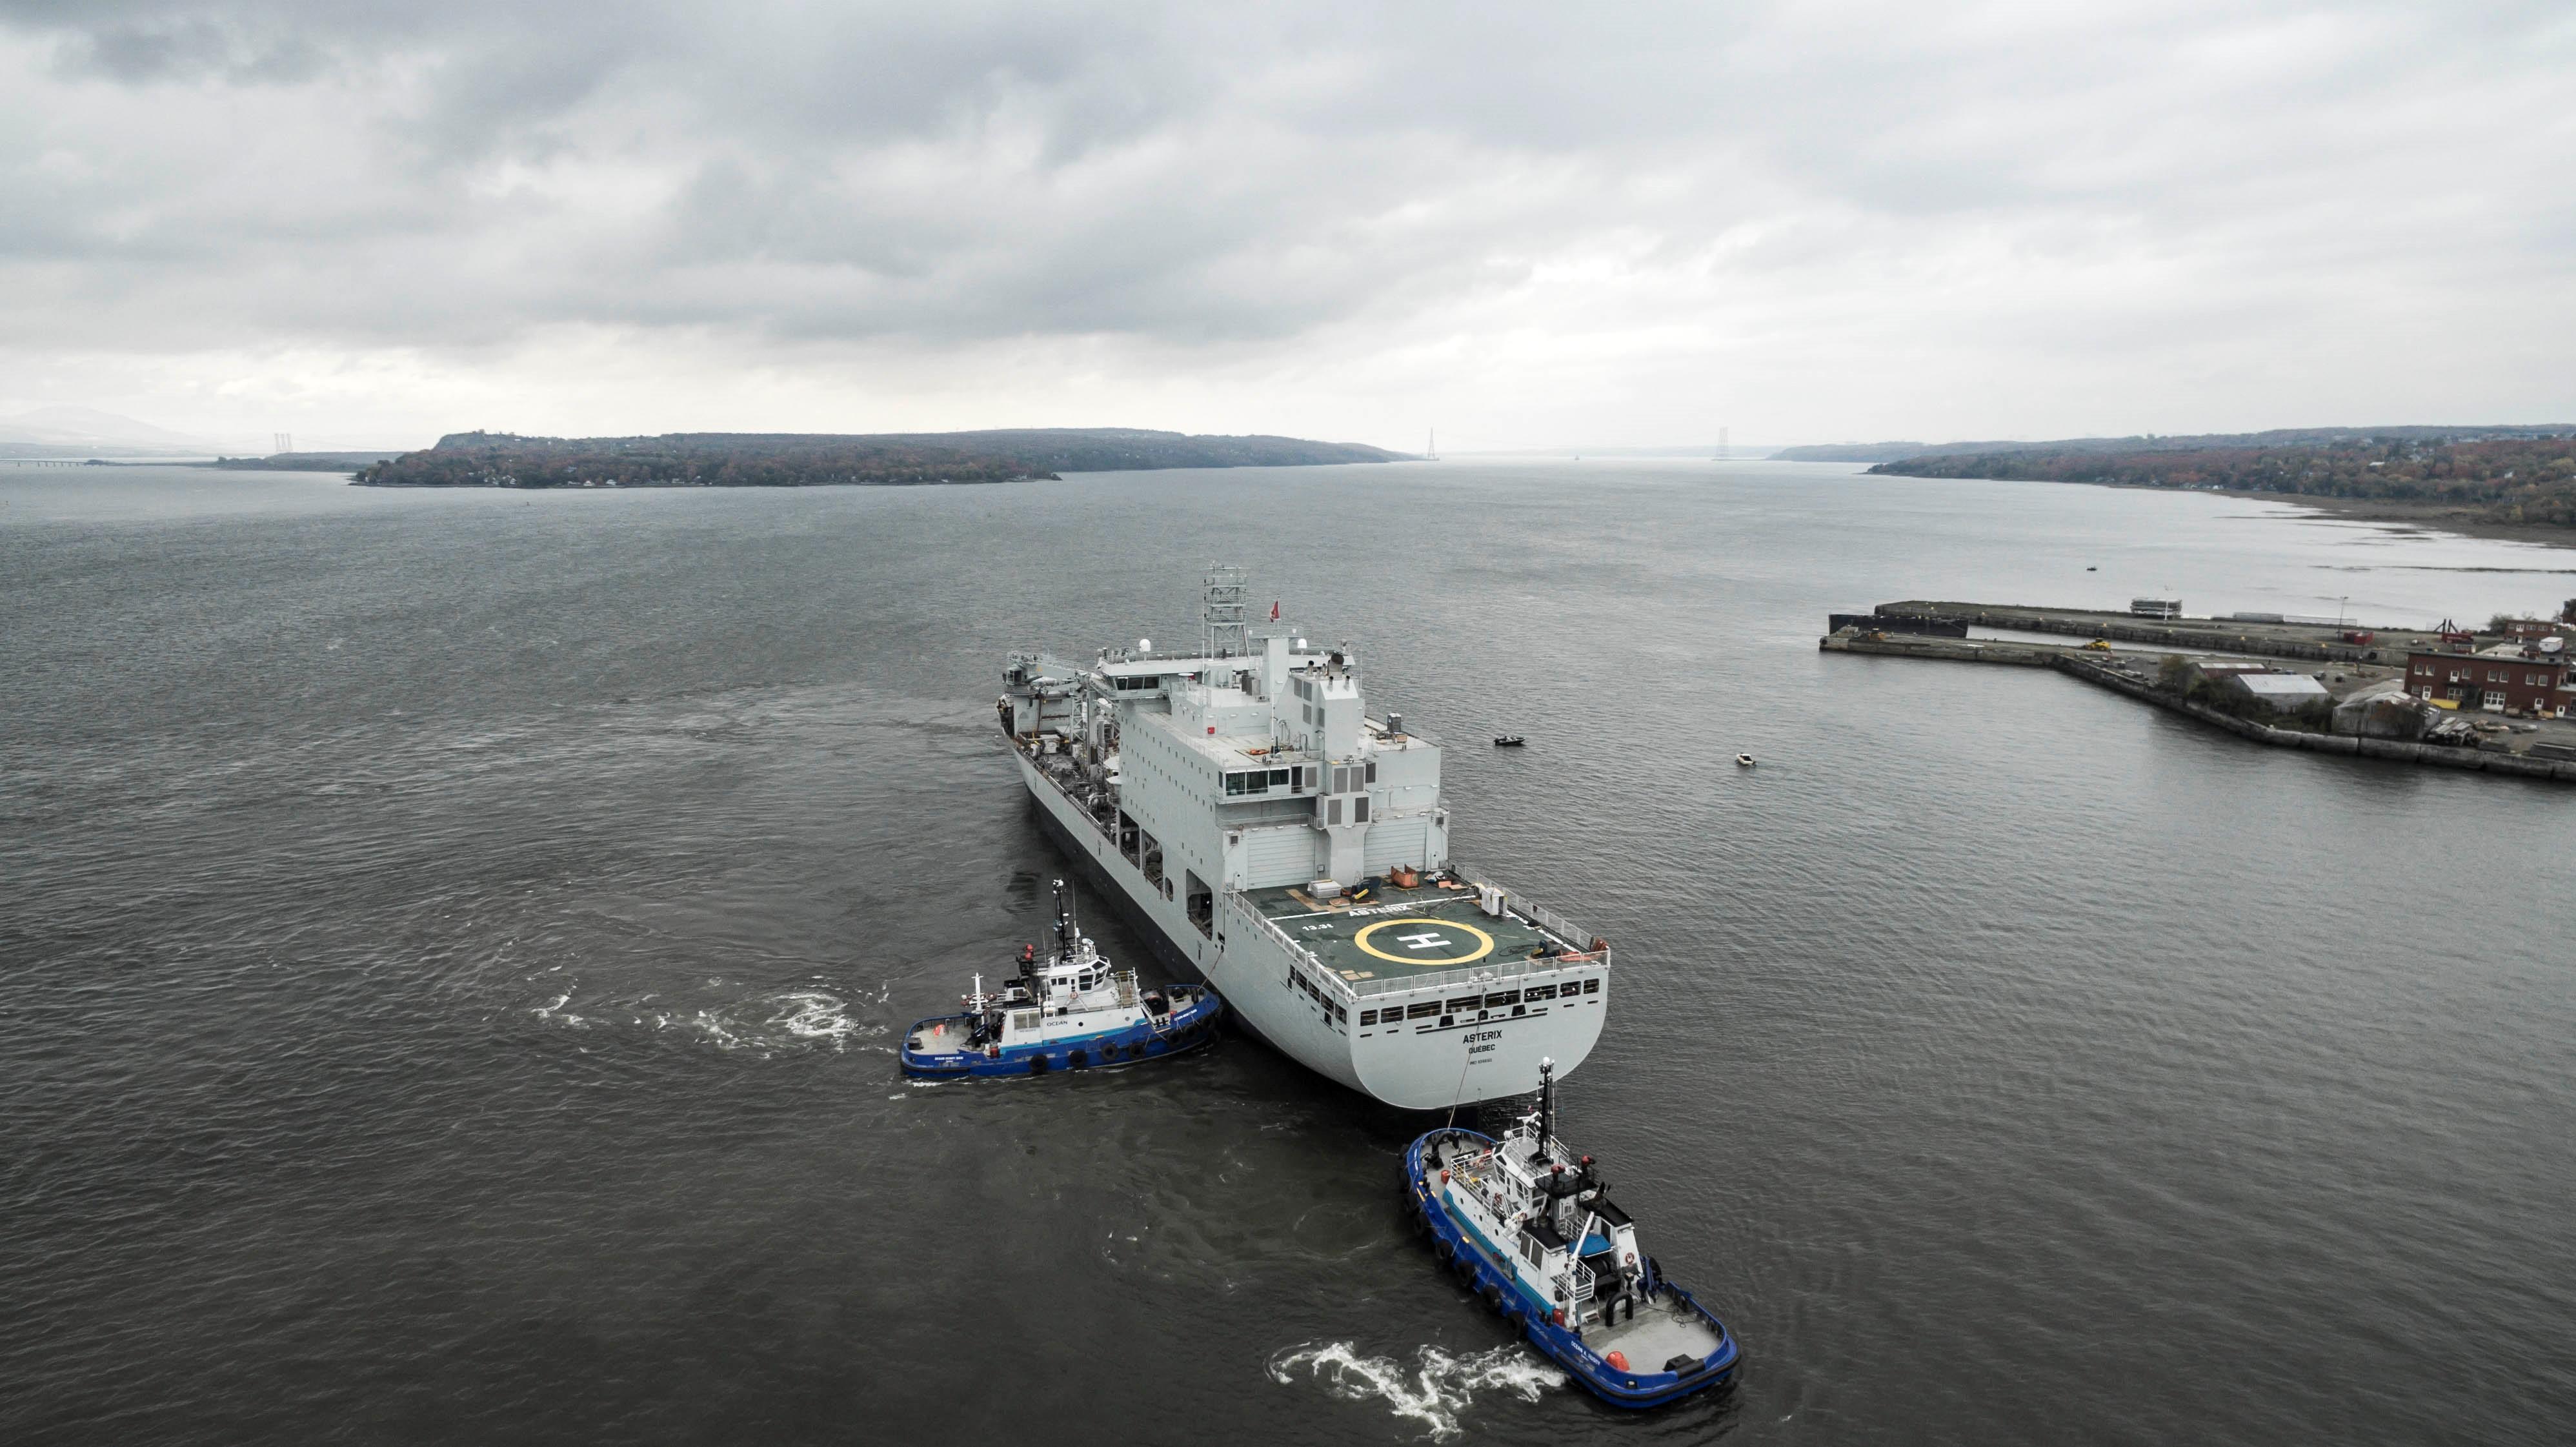 Le navire de soutien militaire de la classe resolve a levé l'ancre